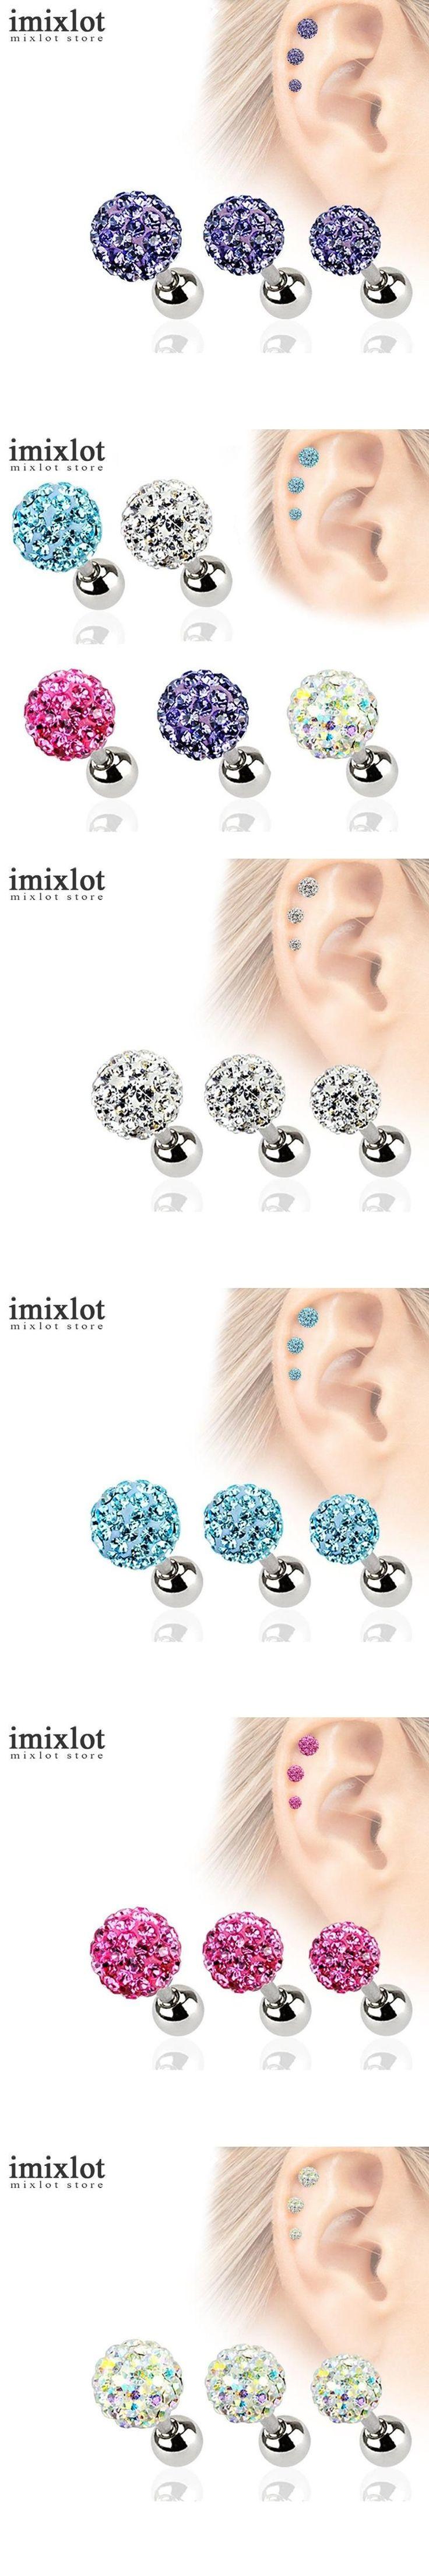 2Pcs 3 4 5mm Crystal Ball Earrings Surgical Steel Ear Plugs Eyebrow Piercings Women's Ear Studs Screw Percing Body Jewelry #BallEarrings